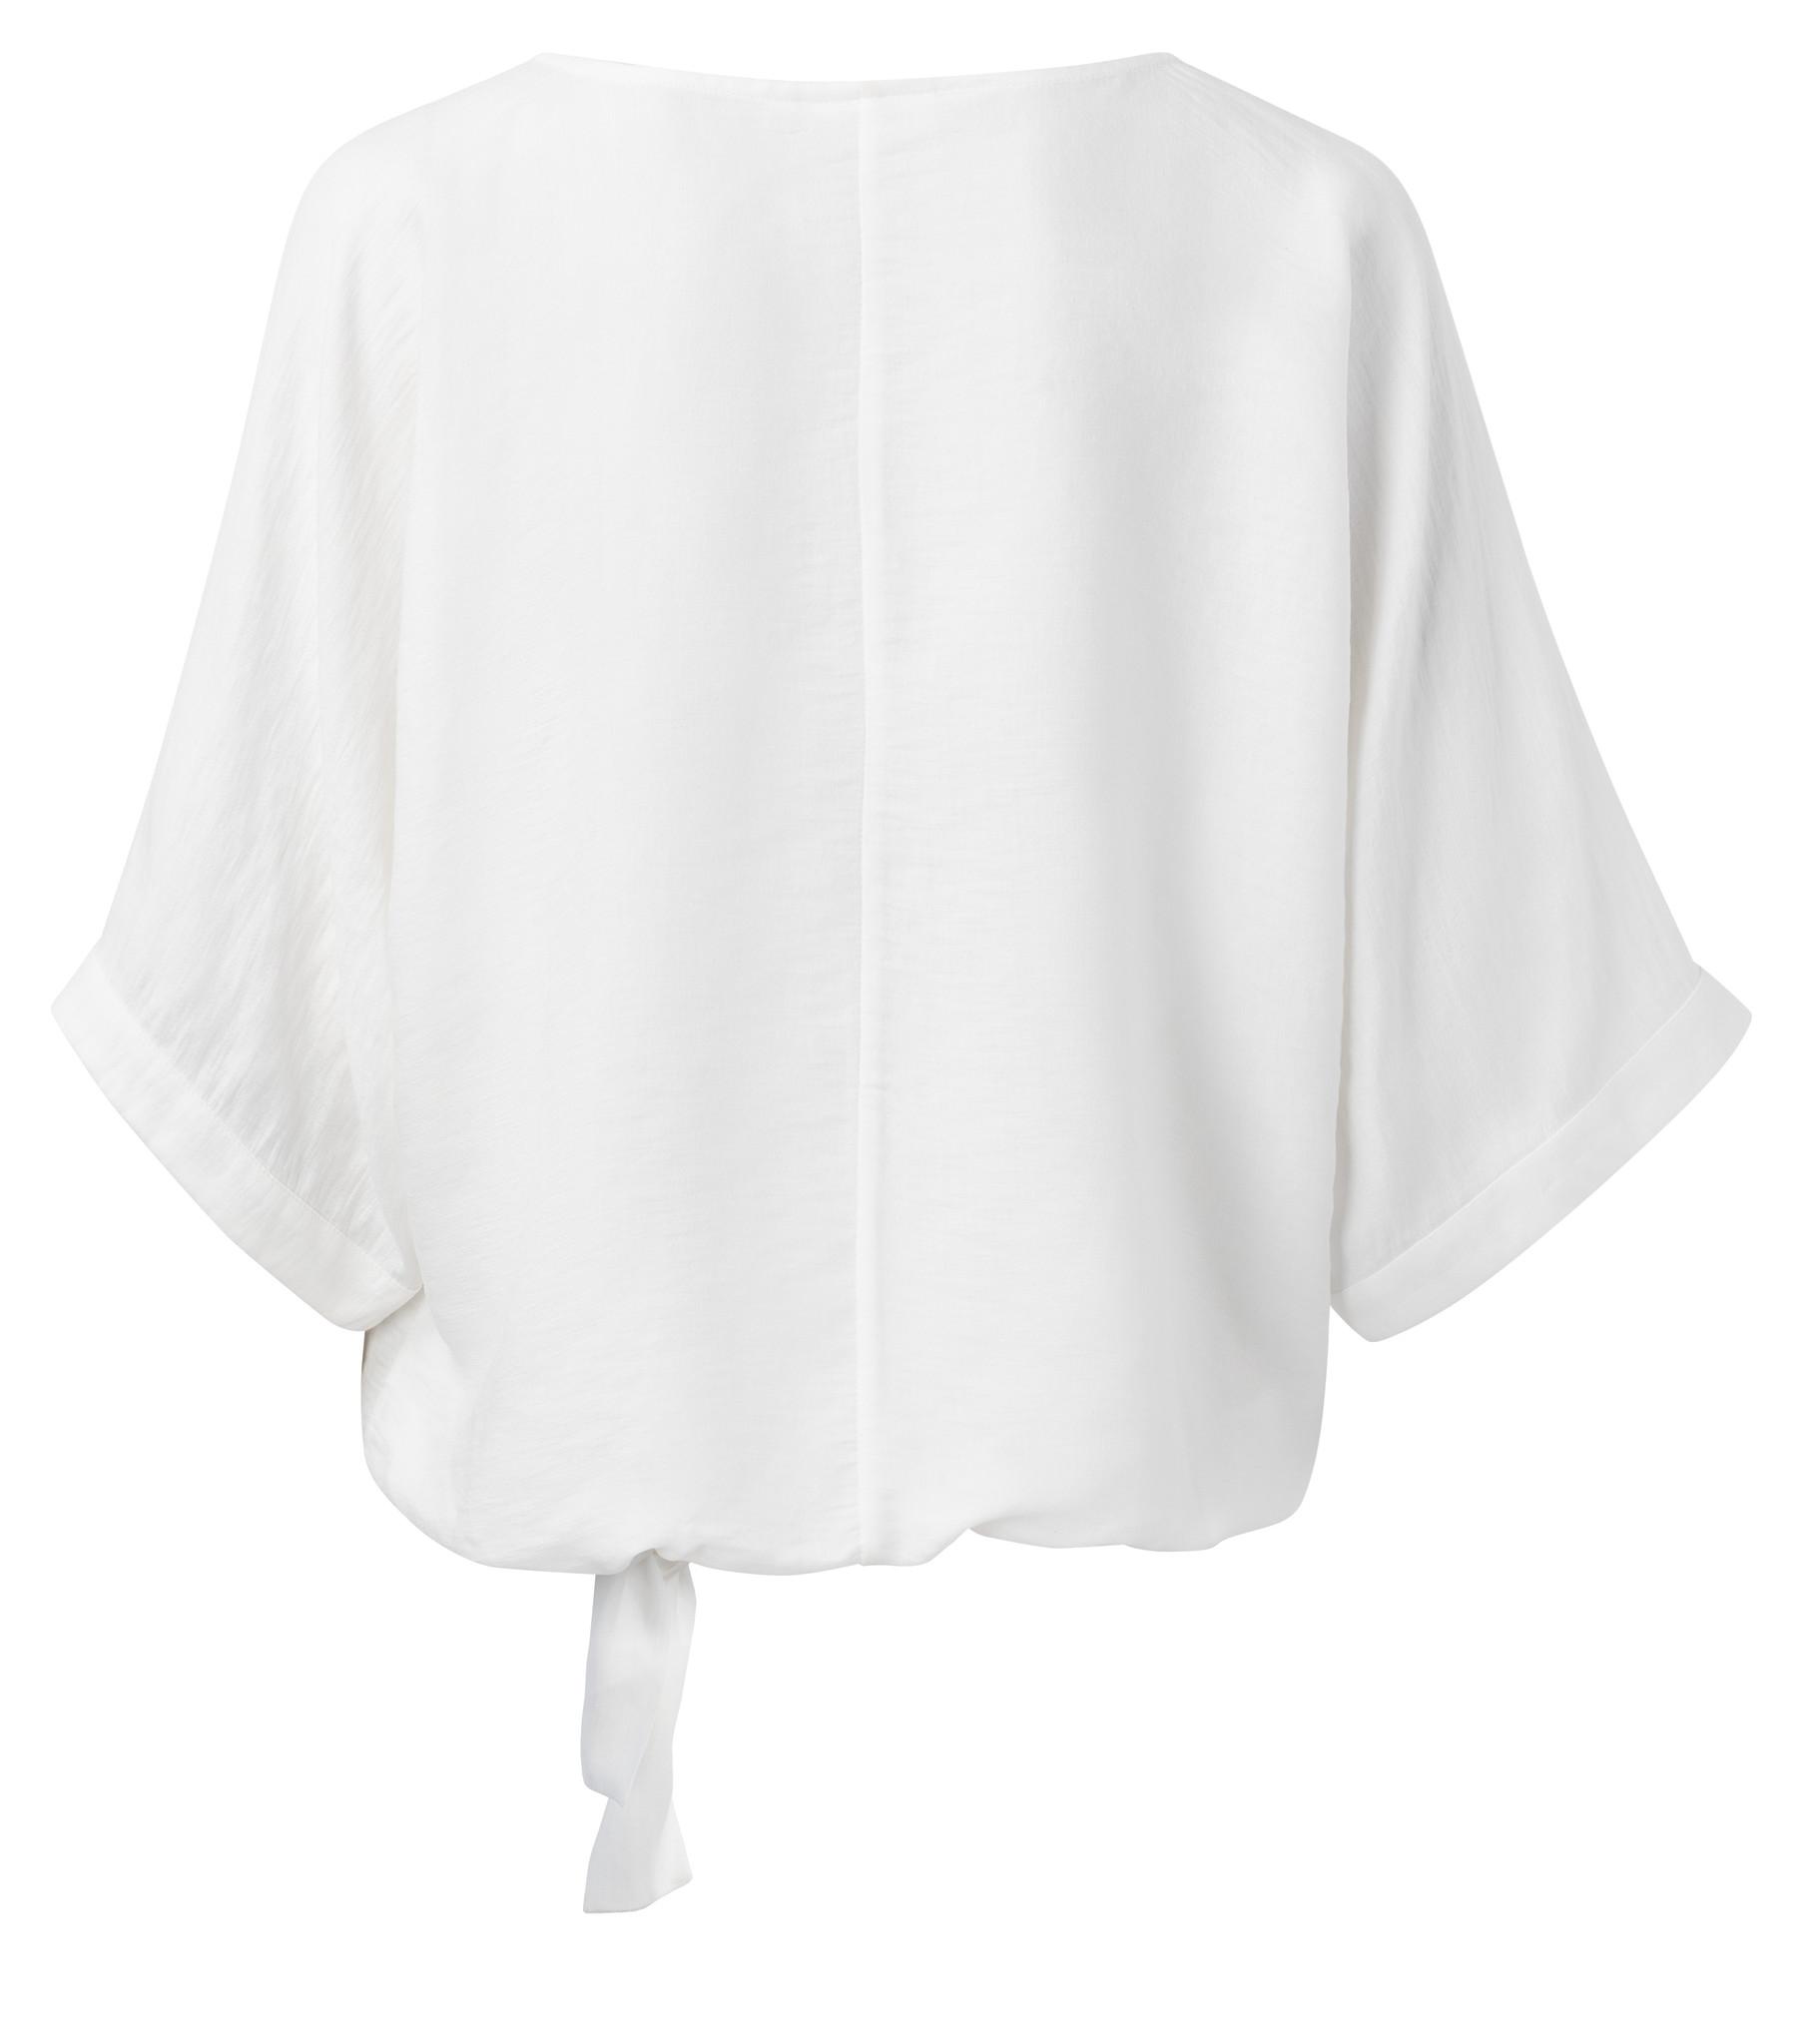 yaya Kimono top with knot 1901153-014-2